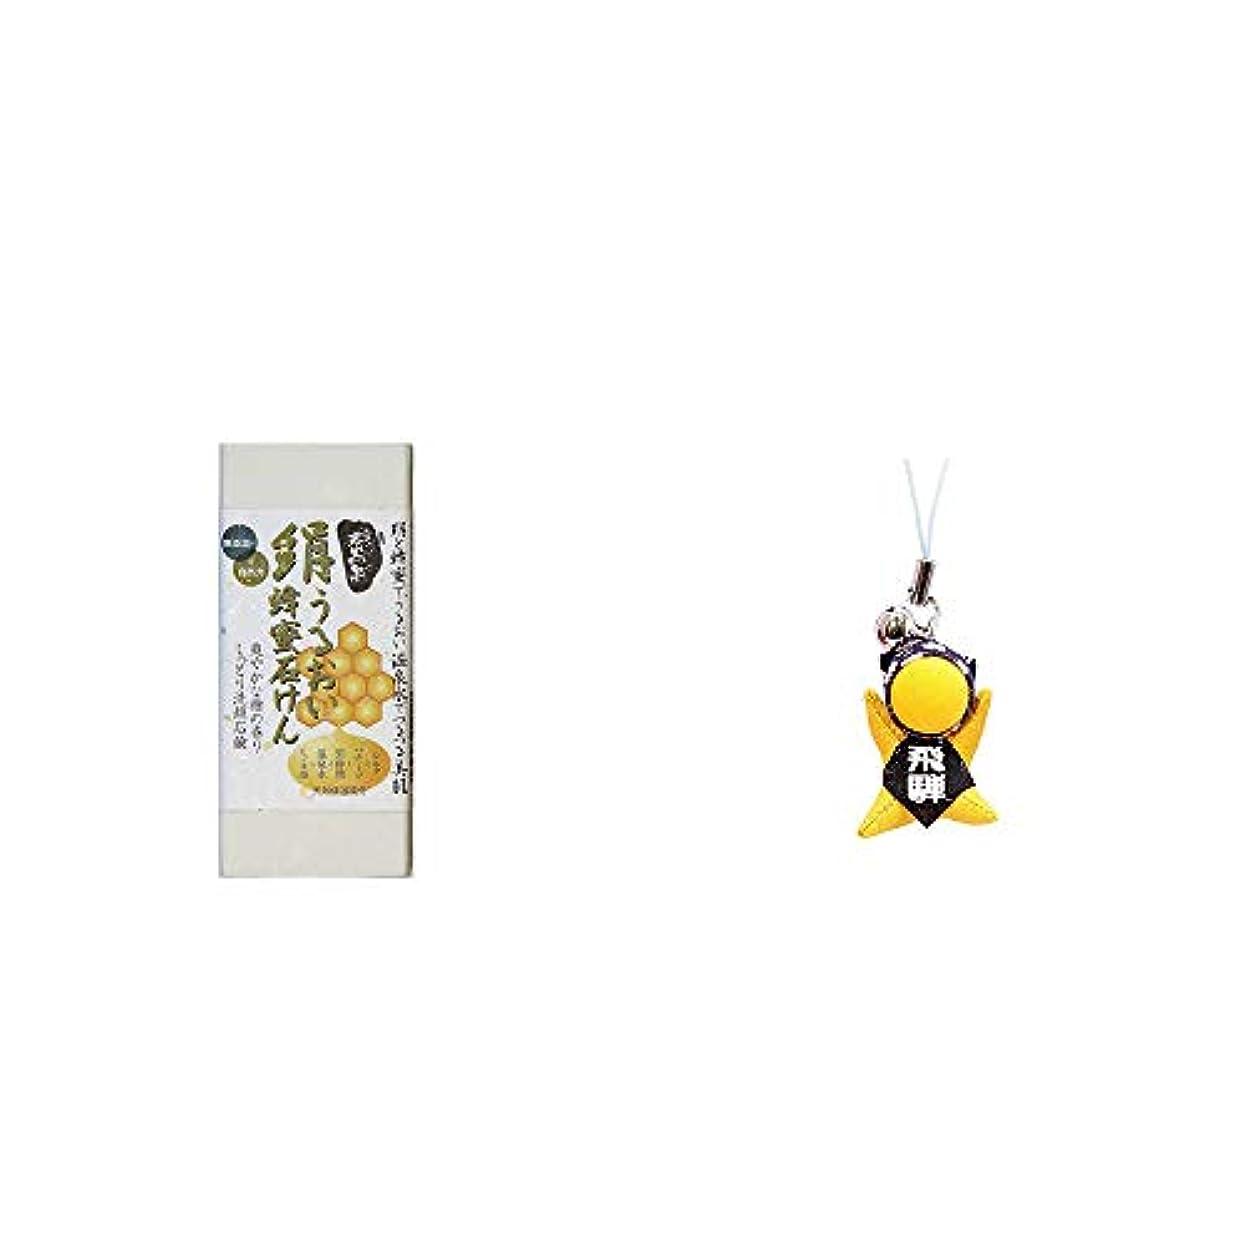 絶対のイディオム研磨[2点セット] ひのき炭黒泉 絹うるおい蜂蜜石けん(75g×2)?さるぼぼ幸福ストラップ 【緑】 / 風水カラー全9種類 健康 お守り//